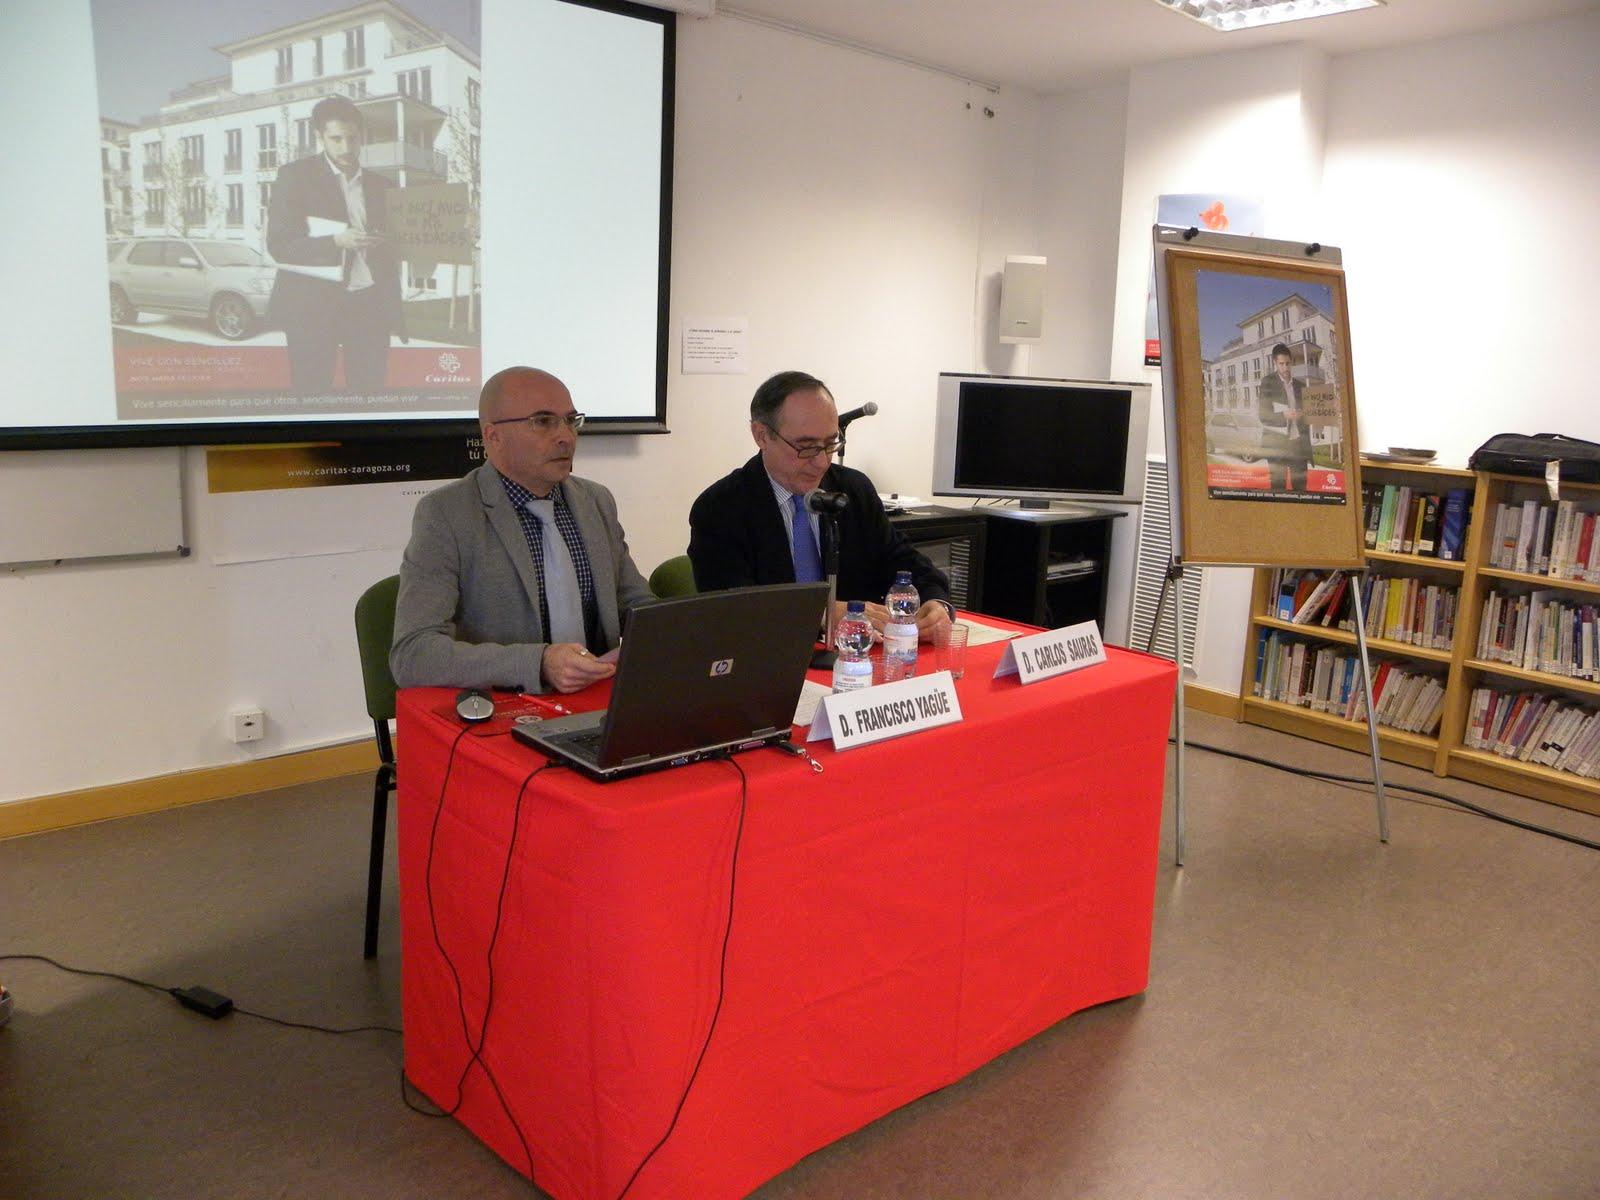 medios de comunicación social puesto desprotegido en Zaragoza